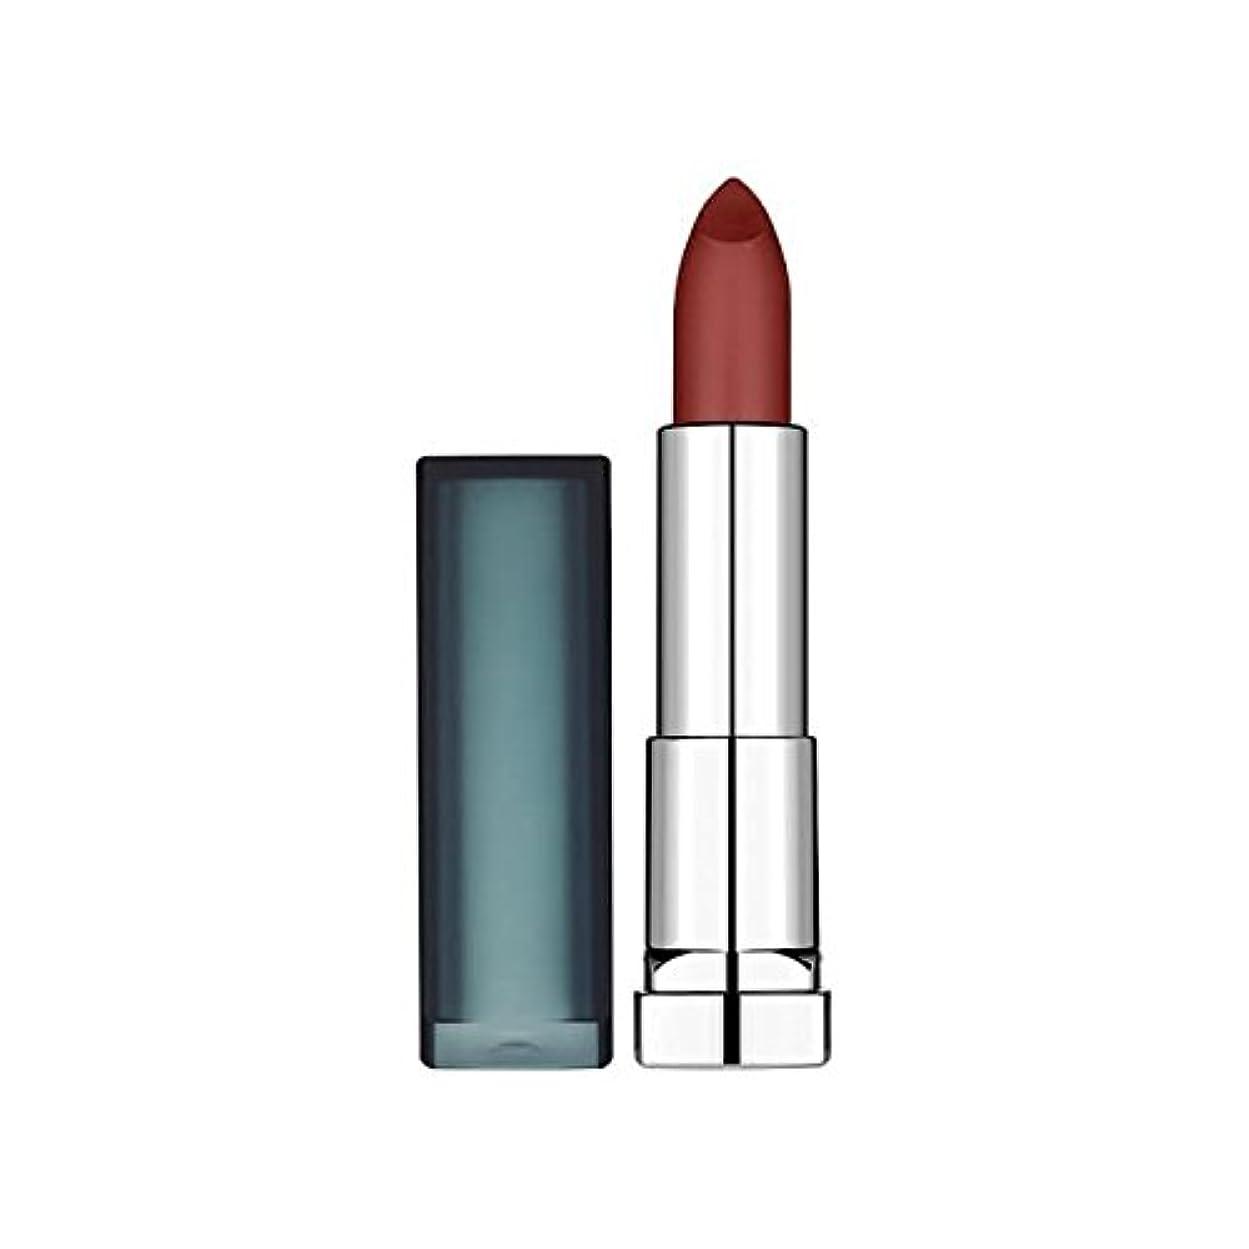 マリナー去る悪用Maybelline Color Sensational Matte Lipstick 975 Divine Wine - メイベリンカラーセンセーショナルなマット口紅975神のワイン [並行輸入品]